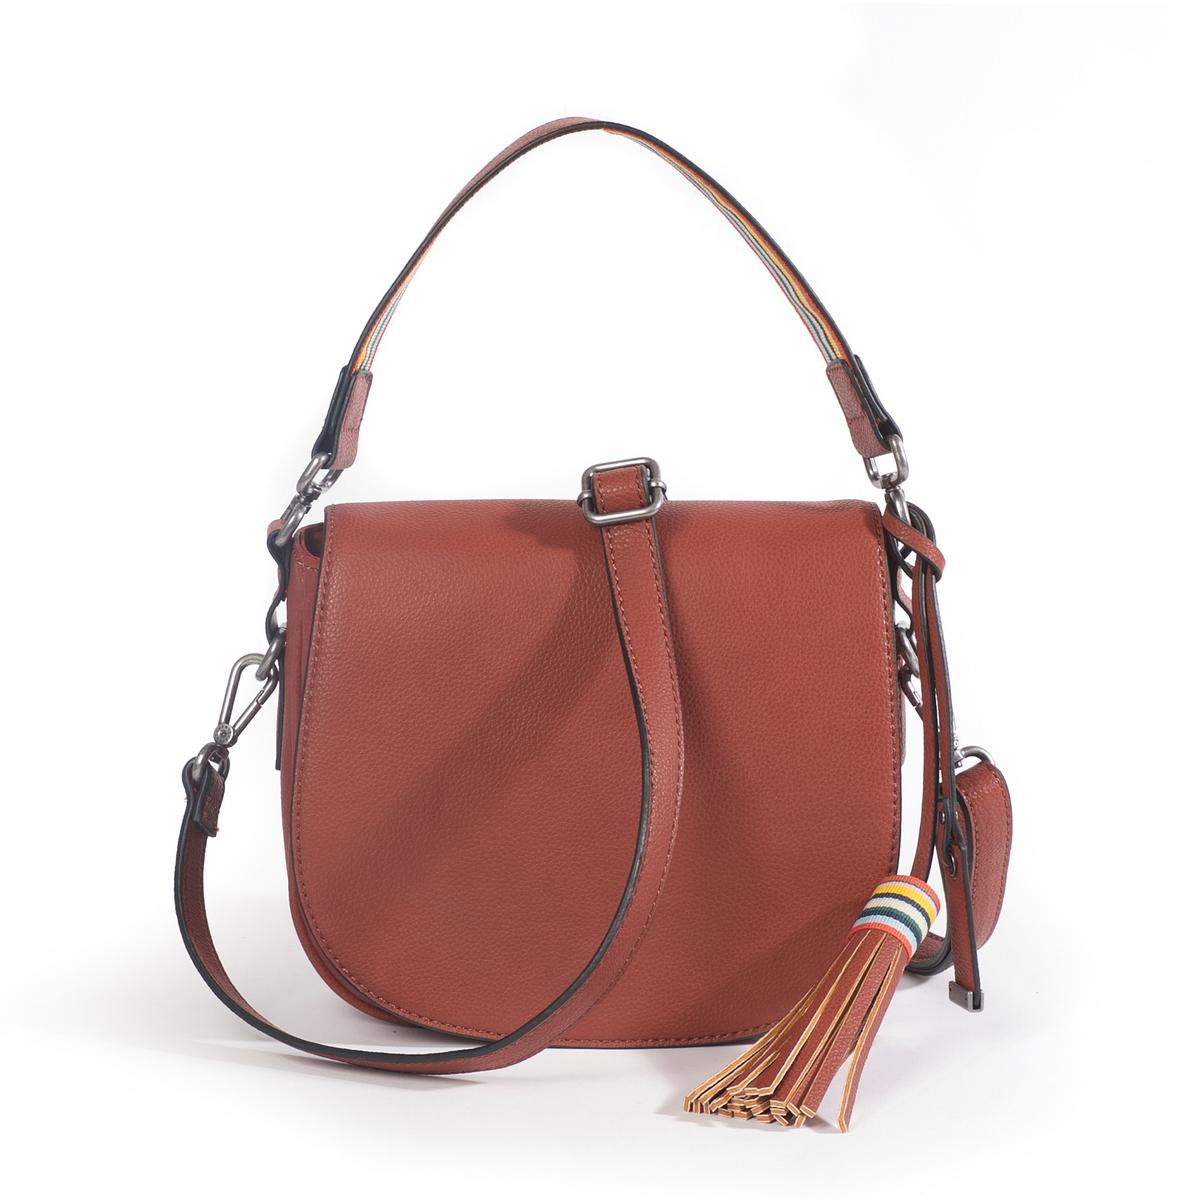 Сумка с плечевым ремнем WendyМодная и женственная сумка от EspritСостав и описание :  •  Материал : верх из полиуретана                         подкладка из полиуретана •  Марка : Esprit •  Модель : Wendy Saddlebag  •  Размер : 18 x 21 x 6 см •  Застежка : молнияВнутренний кармашек<br><br>Цвет: темно-бежевый,черный<br>Размер: единый размер